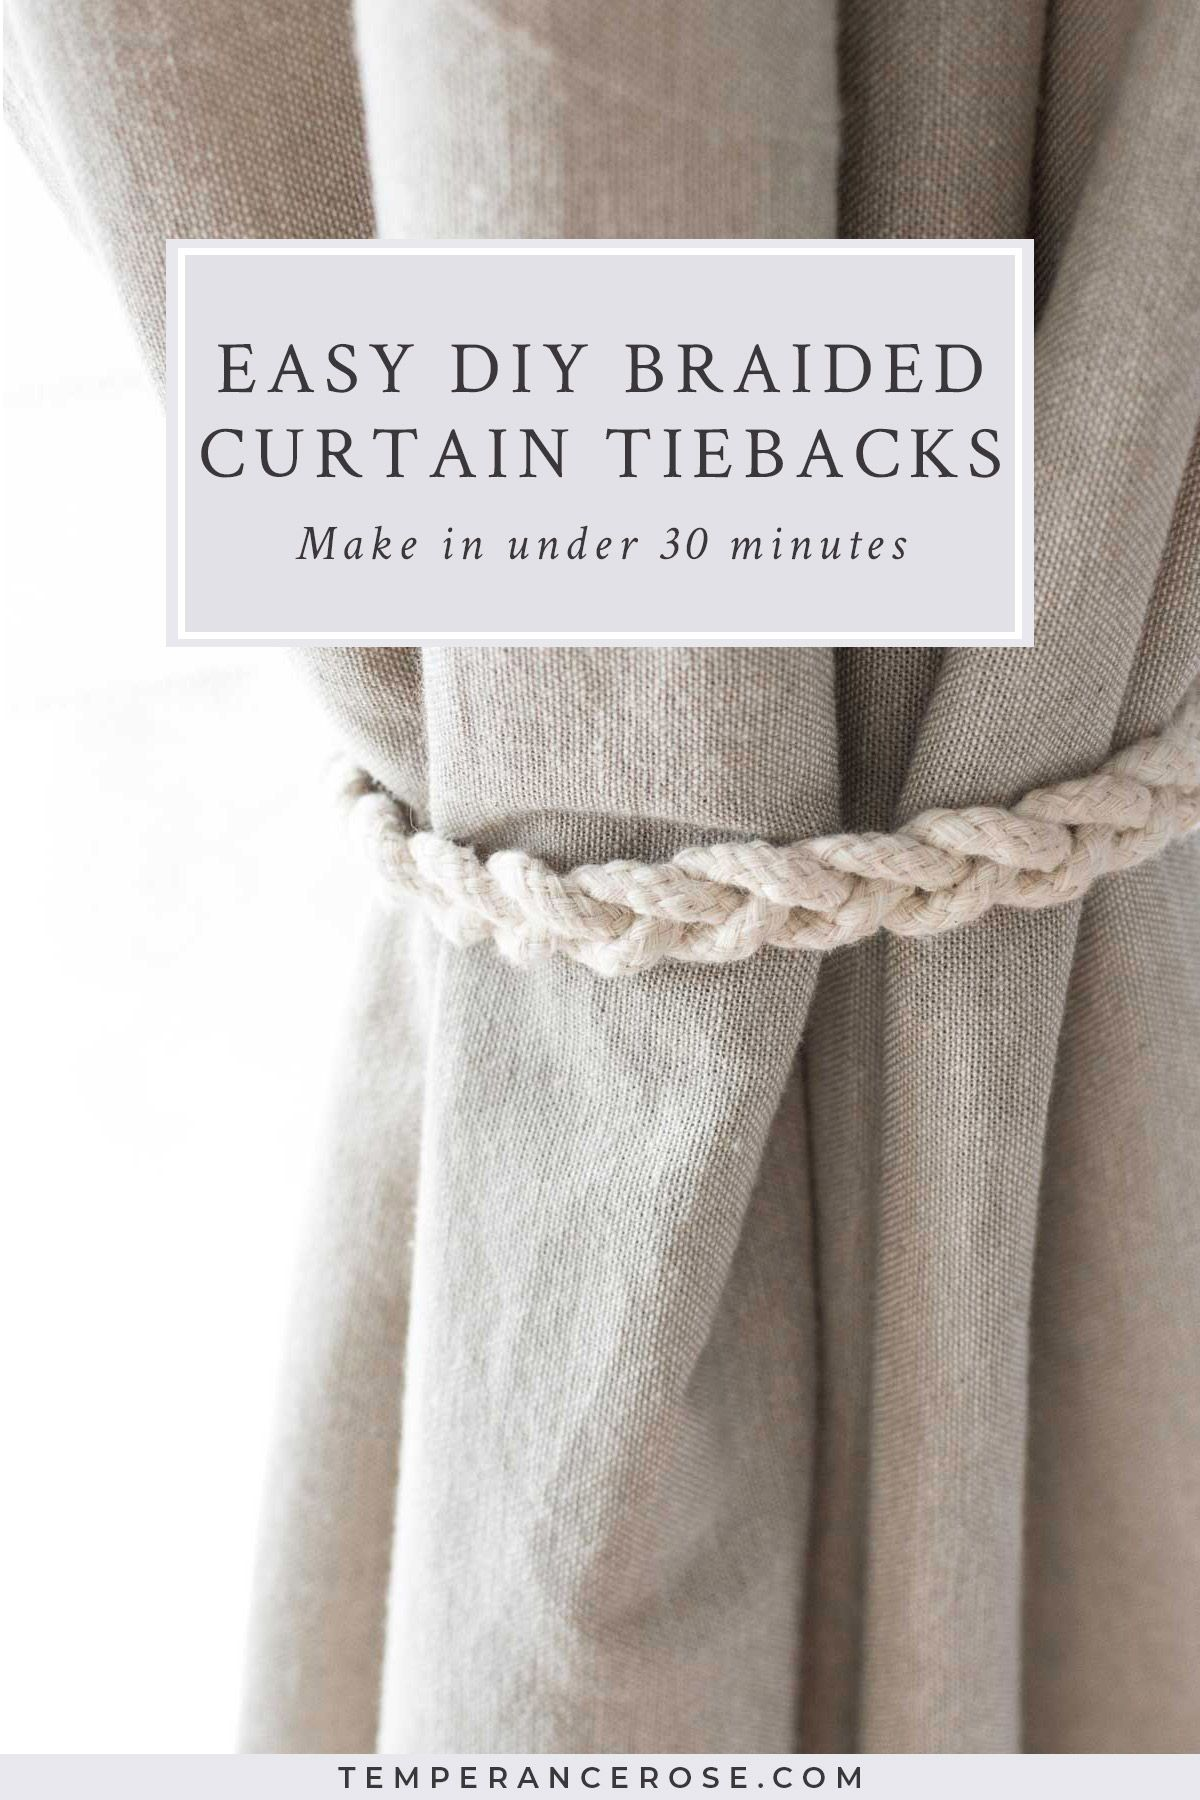 No-sew braided curtain tiebacks